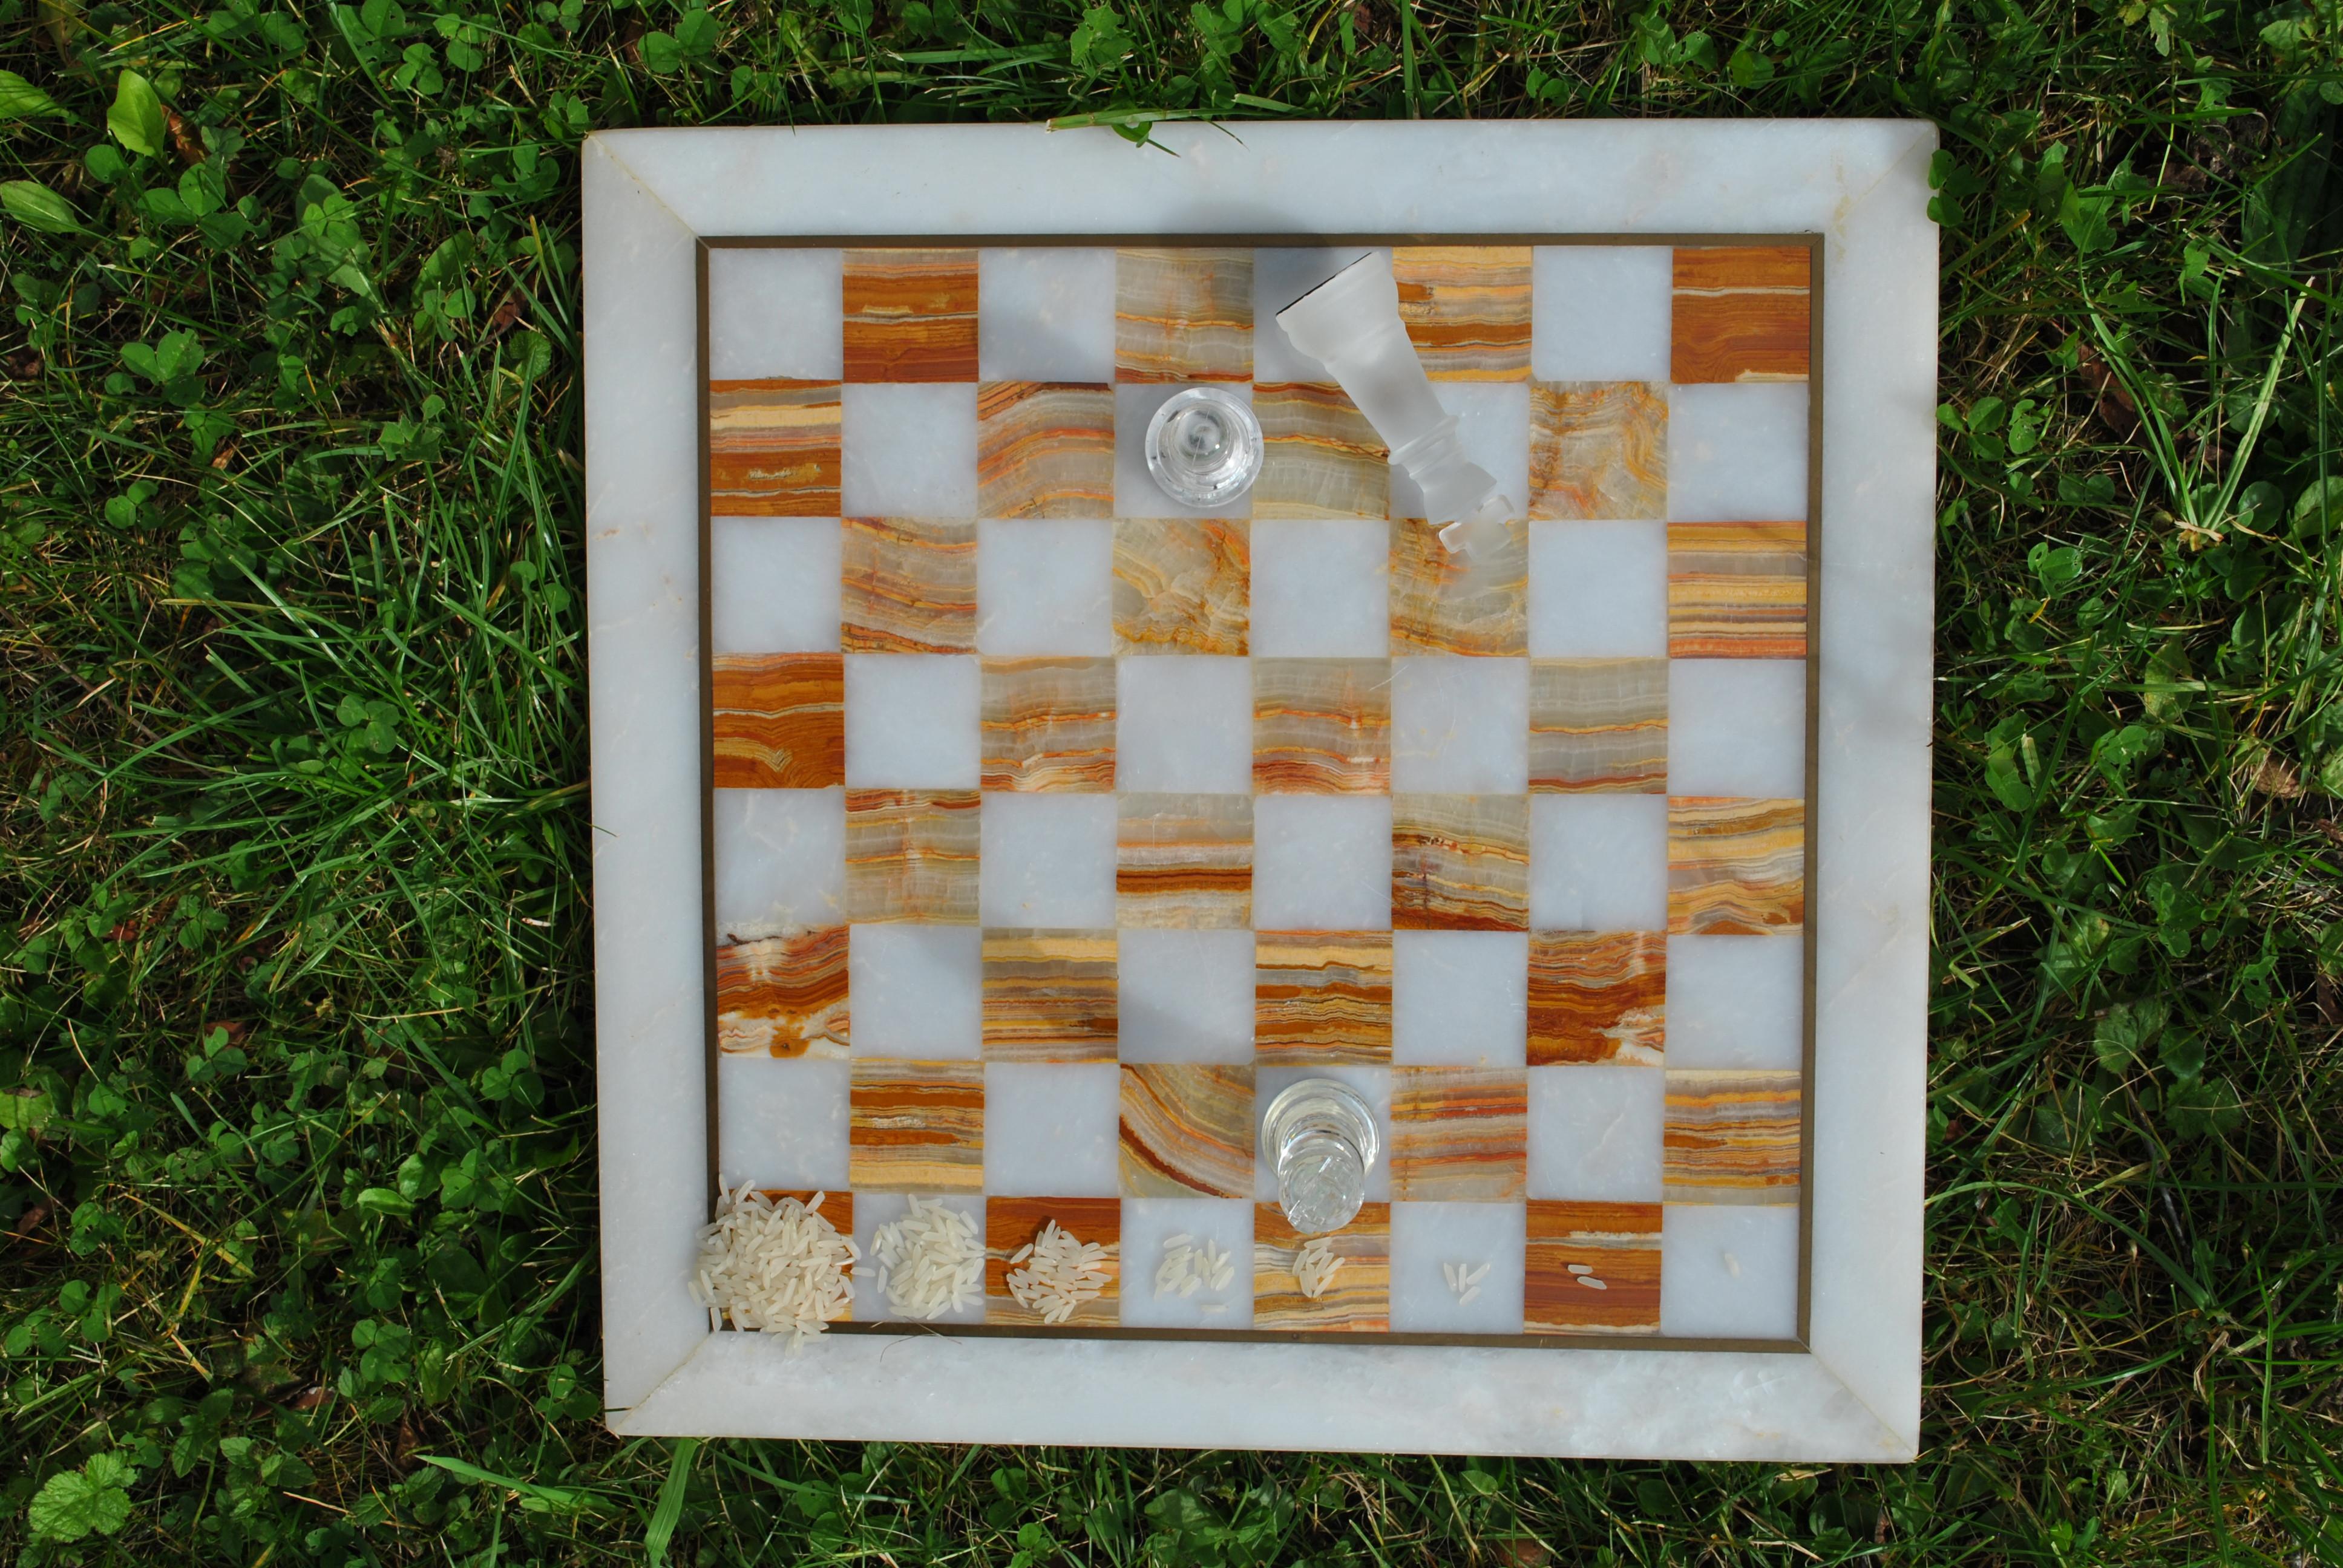 Tablero de ajedrez con las primeras 8 casillas rellenas. Por MartinThoma